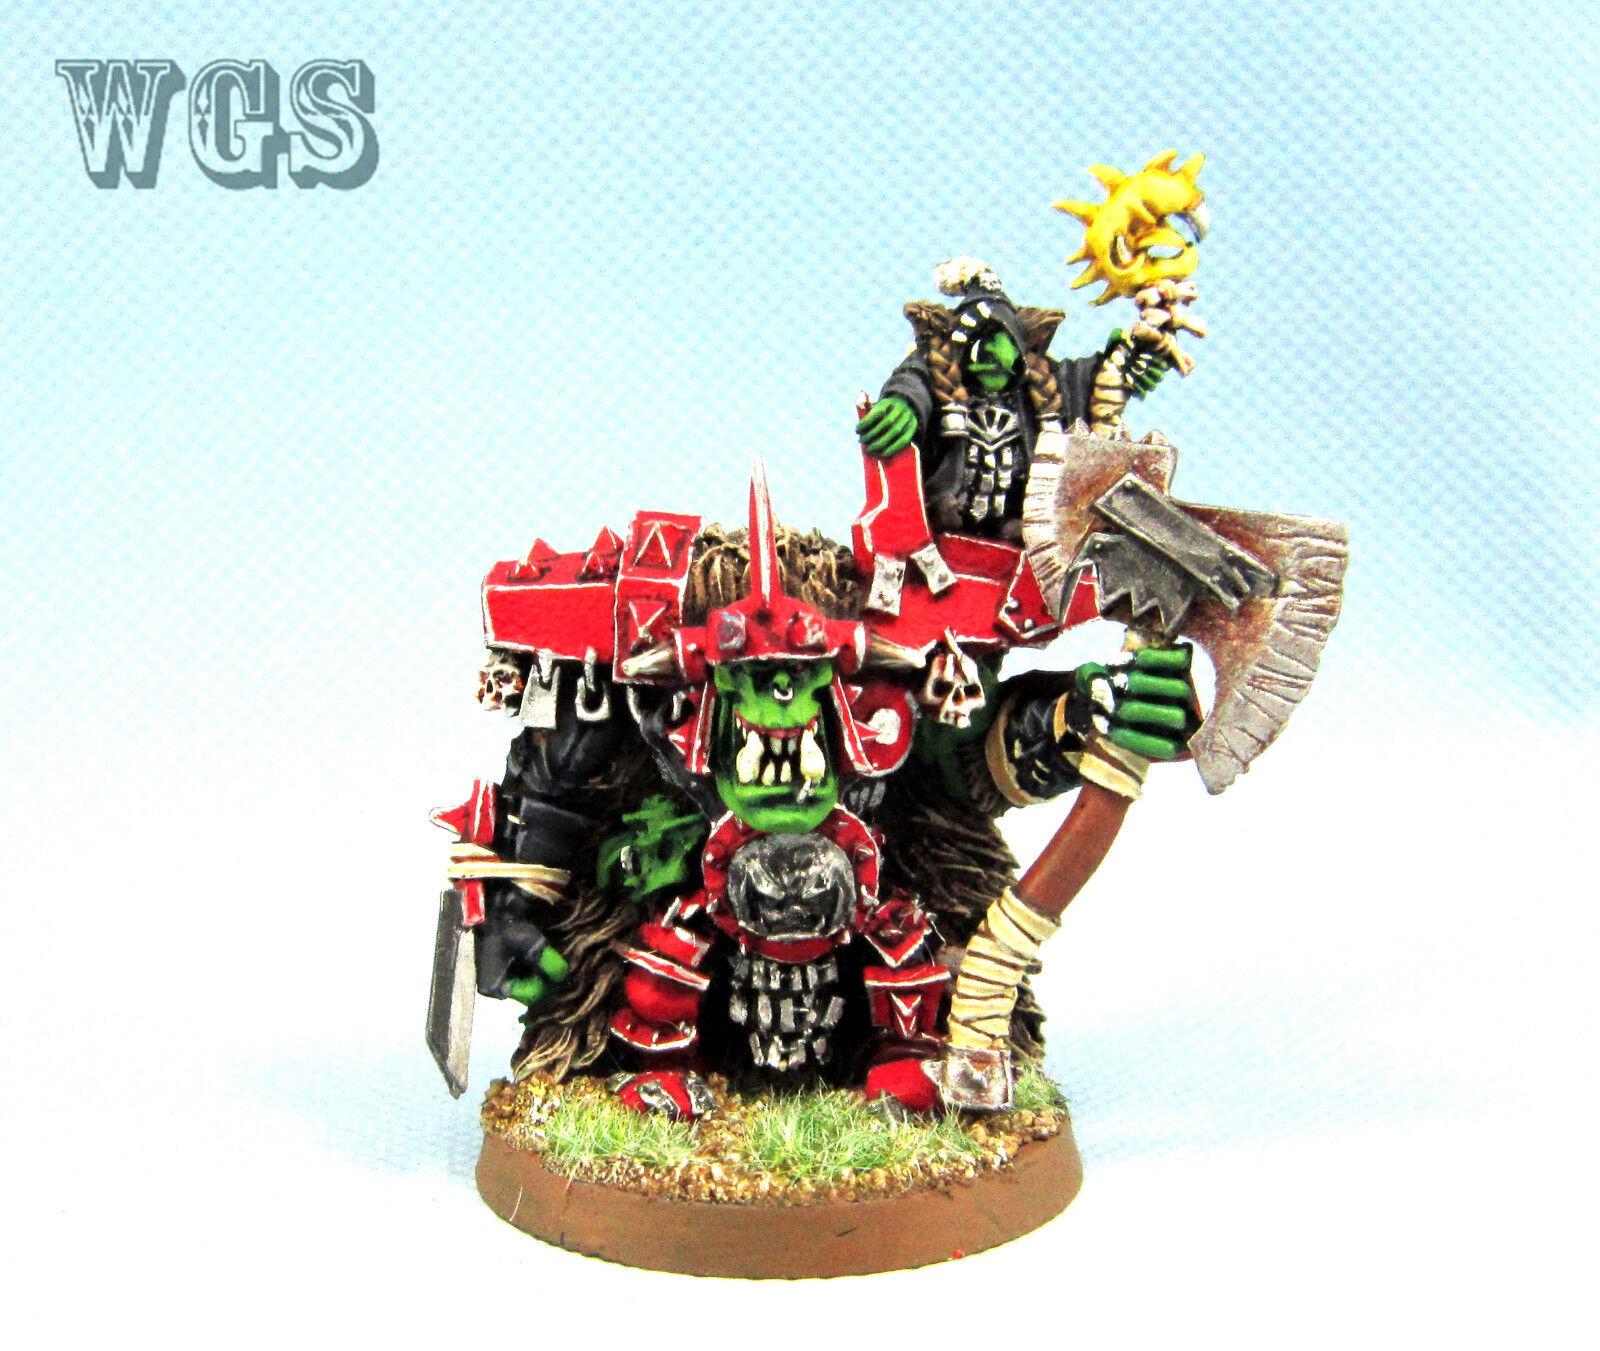 25mm Warhammer WGS painted Orcs & Goblins Grumlok & GazBorsa OR033